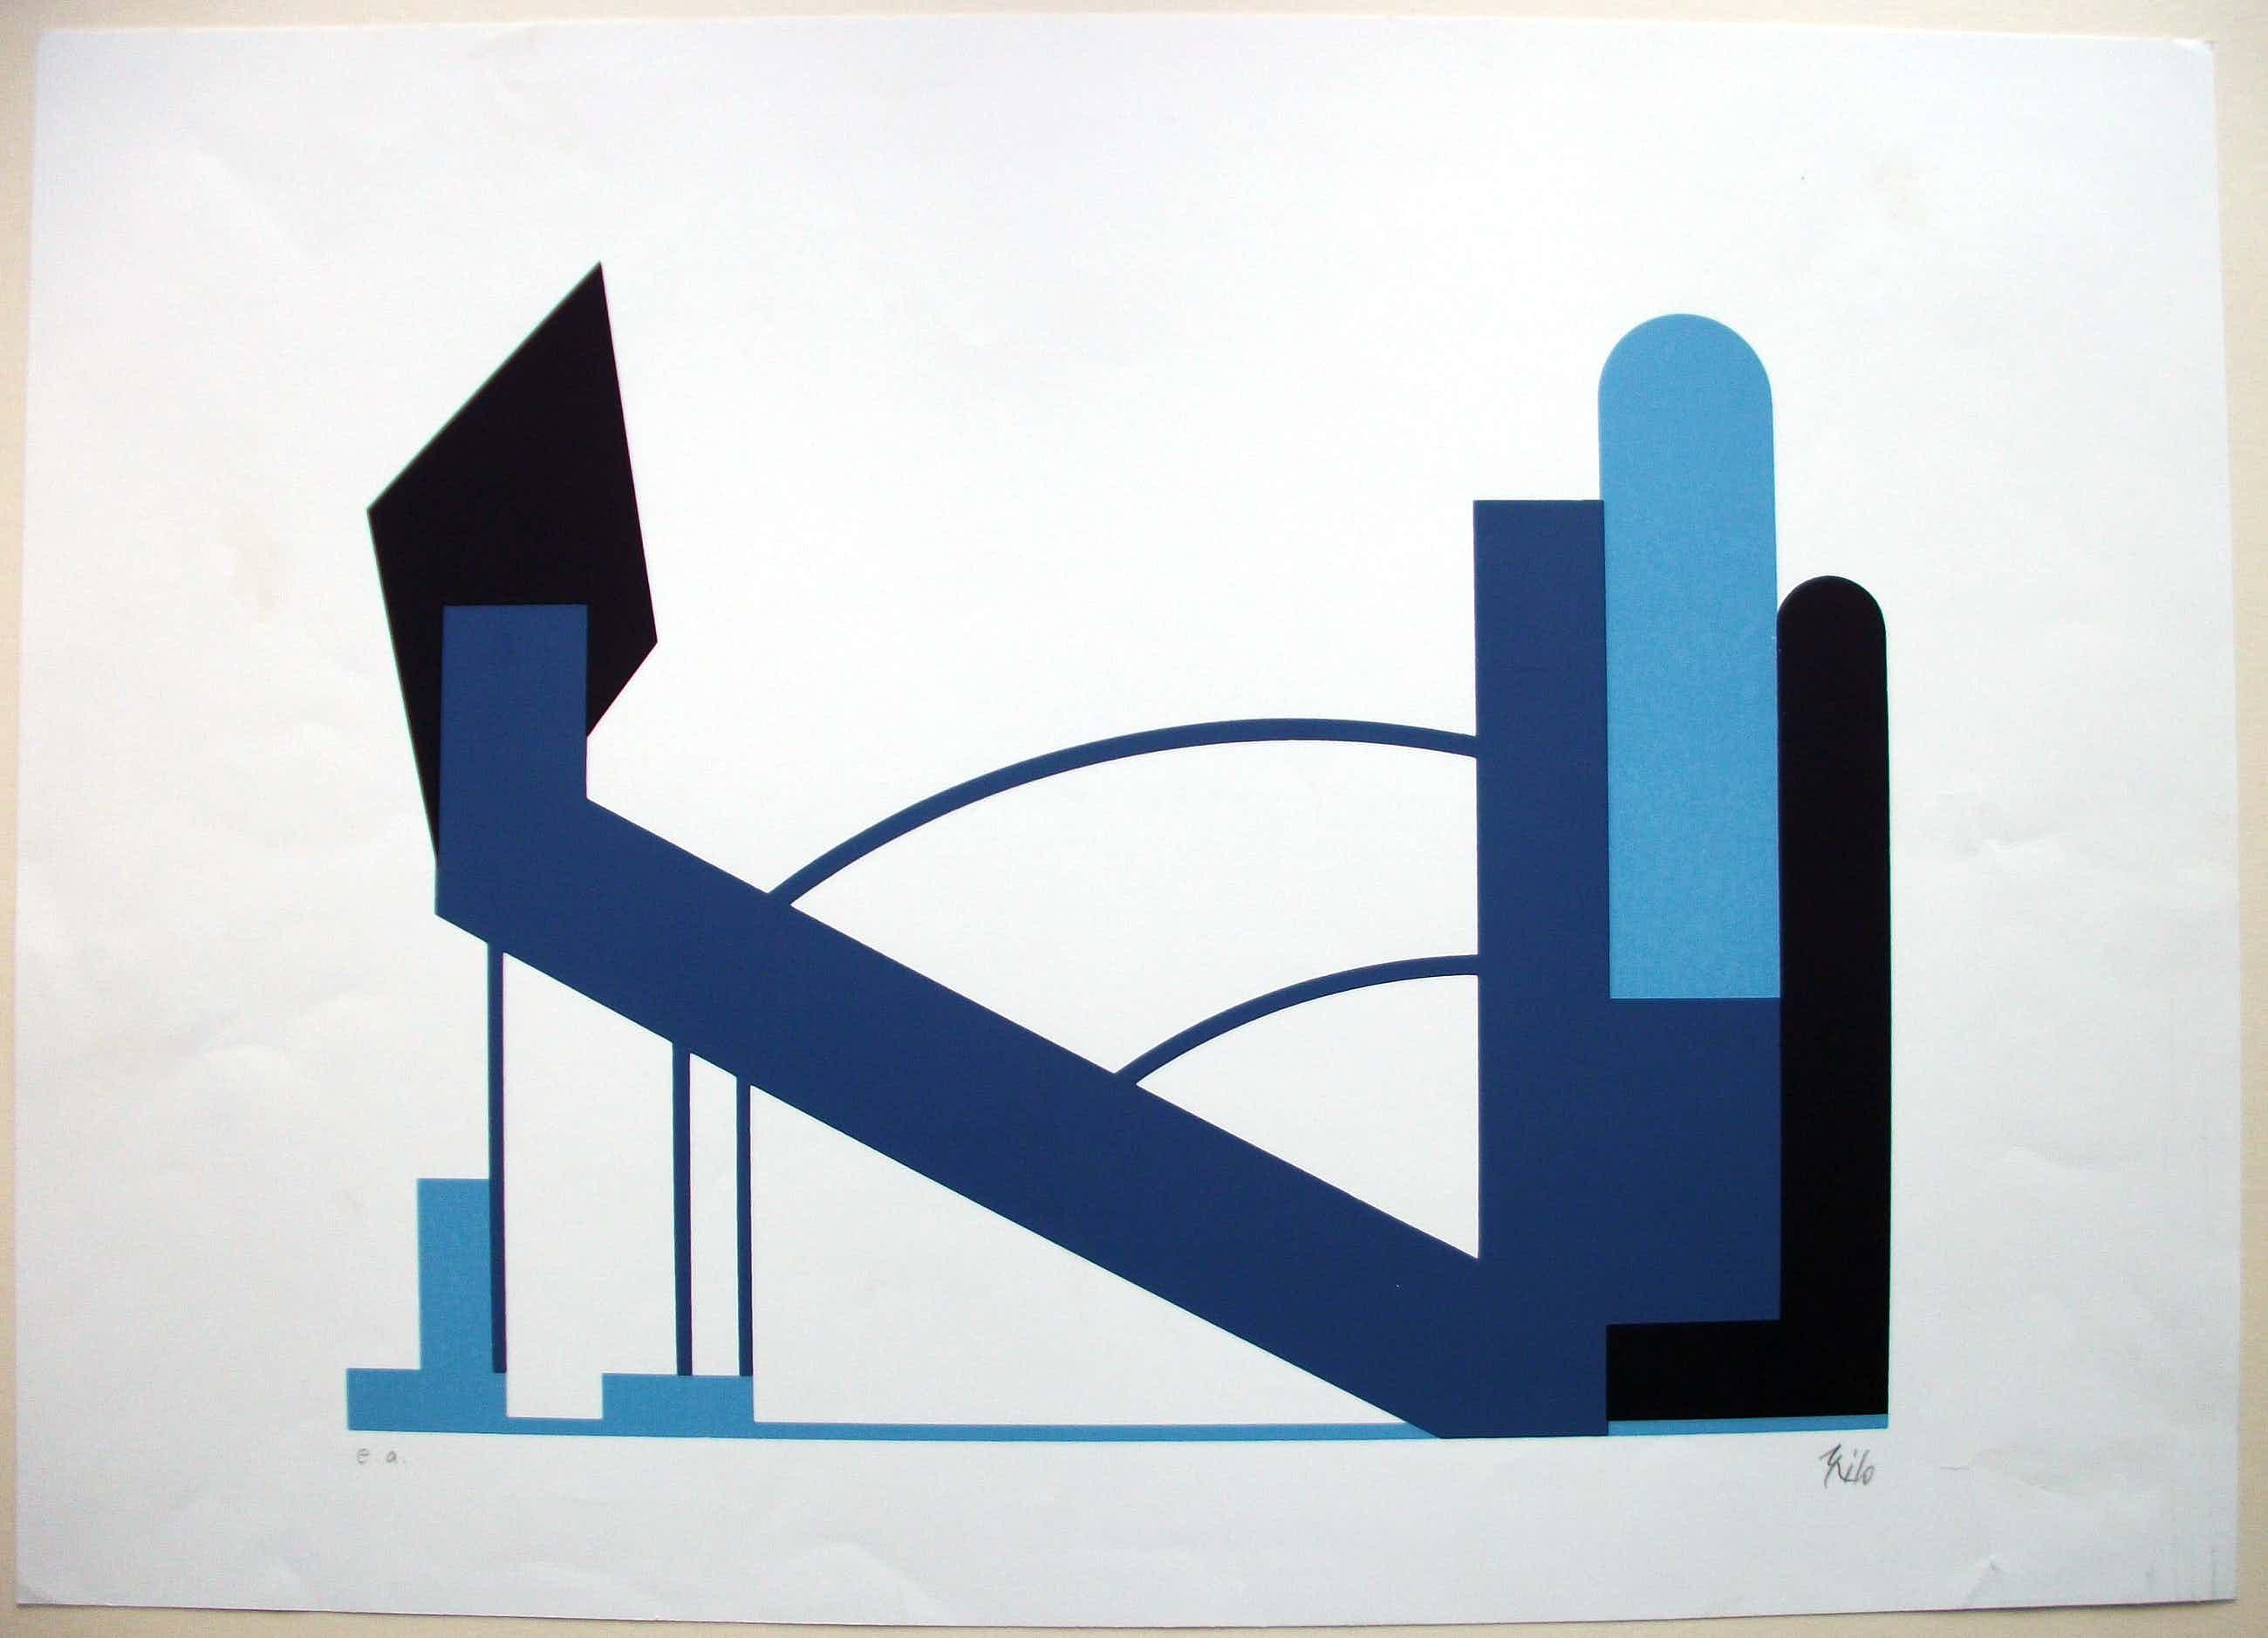 Thilo Maatsch - o.t. Farbserigrafie u.r. signiert: Thilo kopen? Bied vanaf 145!